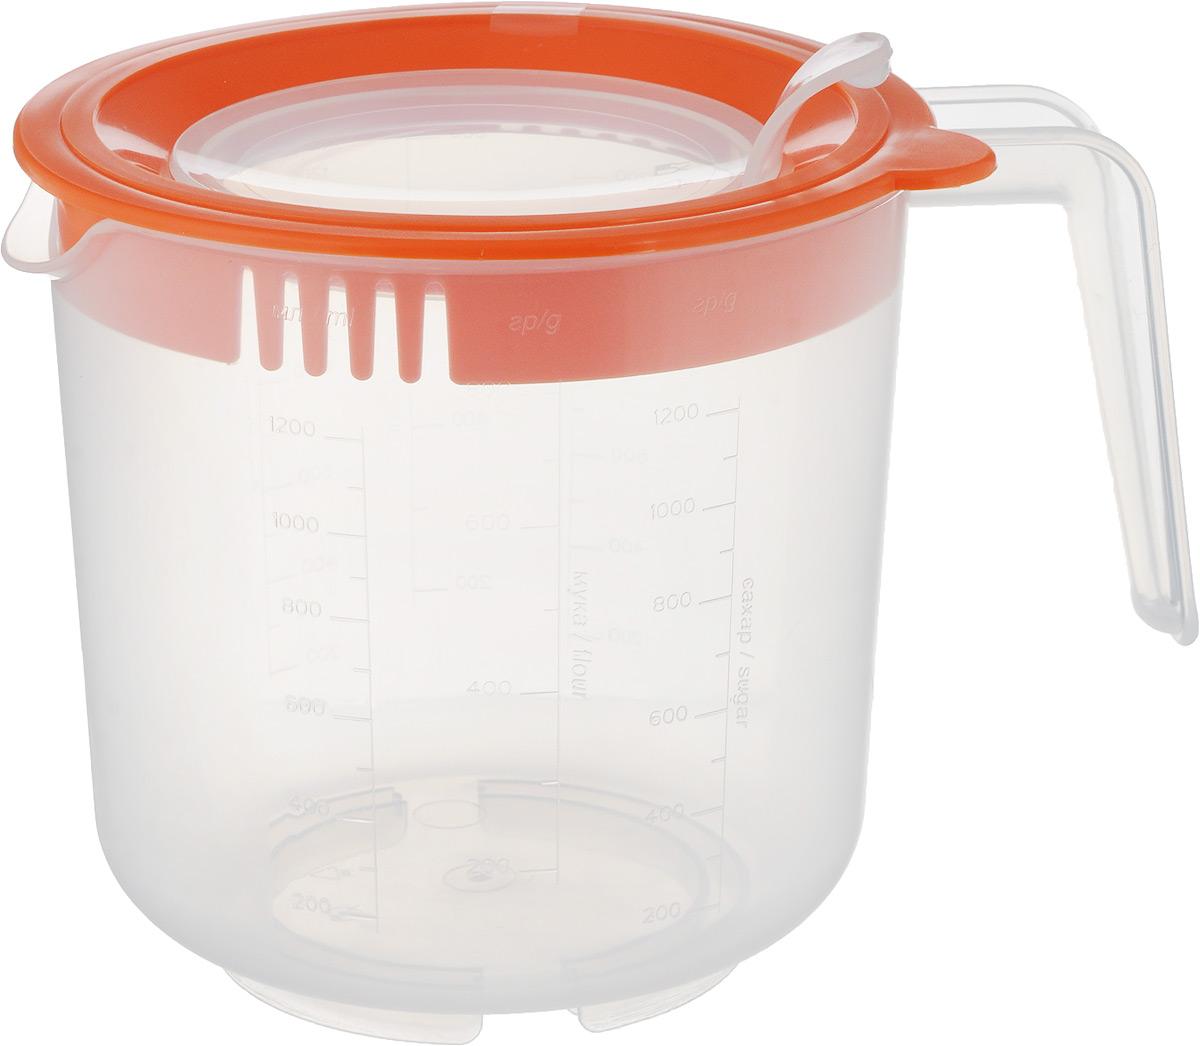 Емкость мерная для взбивания Oursson, цвет: прозрачный, оранжевый, 1,5 лJA1500P/ORМерная емкость Oursson изготовлена из высококачественного плотного пластика и является многофункциональным кухонным приспособлением. С ее помощью можно не только измерять объем помещаемых в нее жидкостей, но и смешивать их, а так же долго сохранять приготовленные соки, пюре, коктейли. Жесткое основание придает емкости дополнительную устойчивость. В емкости можно перемешивать и взбивать продукты при помощи погружного блендера или миксера. При этом бортики защищают от брызг пространство вокруг емкости. Широкое горлышко позволят без труда вымыть изделие.Можно мыть в посудомоечной машине. Диаметр емкости по верхнему краю (без учета носика и ручки): 14 см. Диаметр отверстия в крышке: 9 см. Высота емкости (с учетом крышки): 14 см. Объем: 1,5 л.